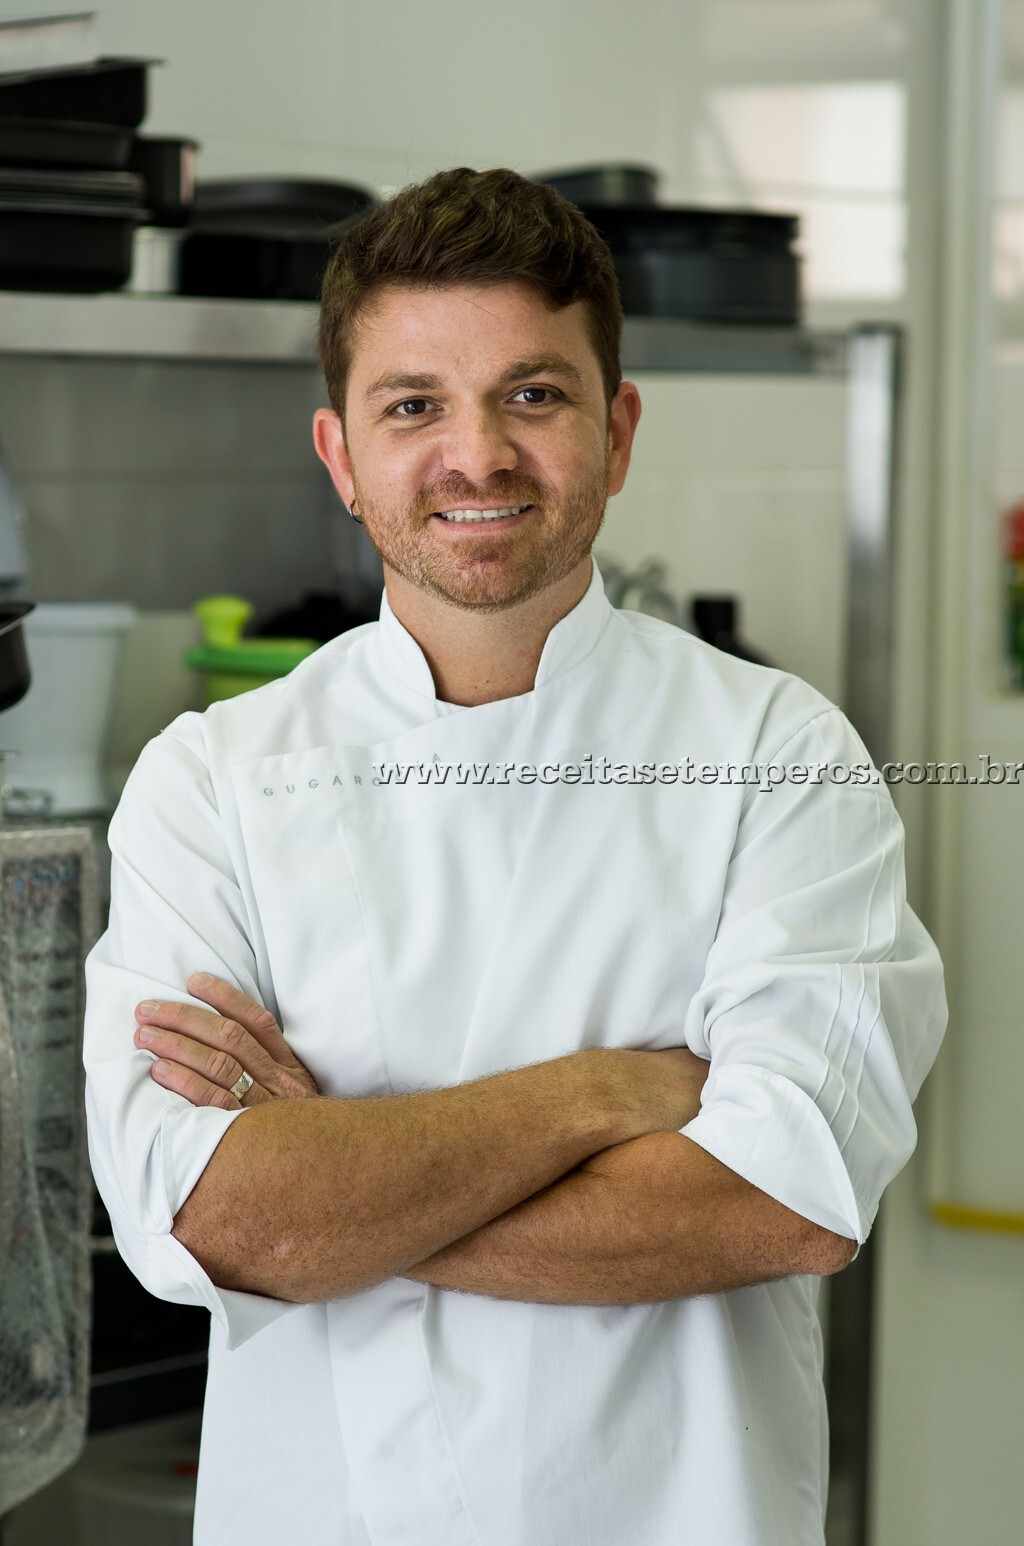 Entrevista com o Chef Guga Rocha